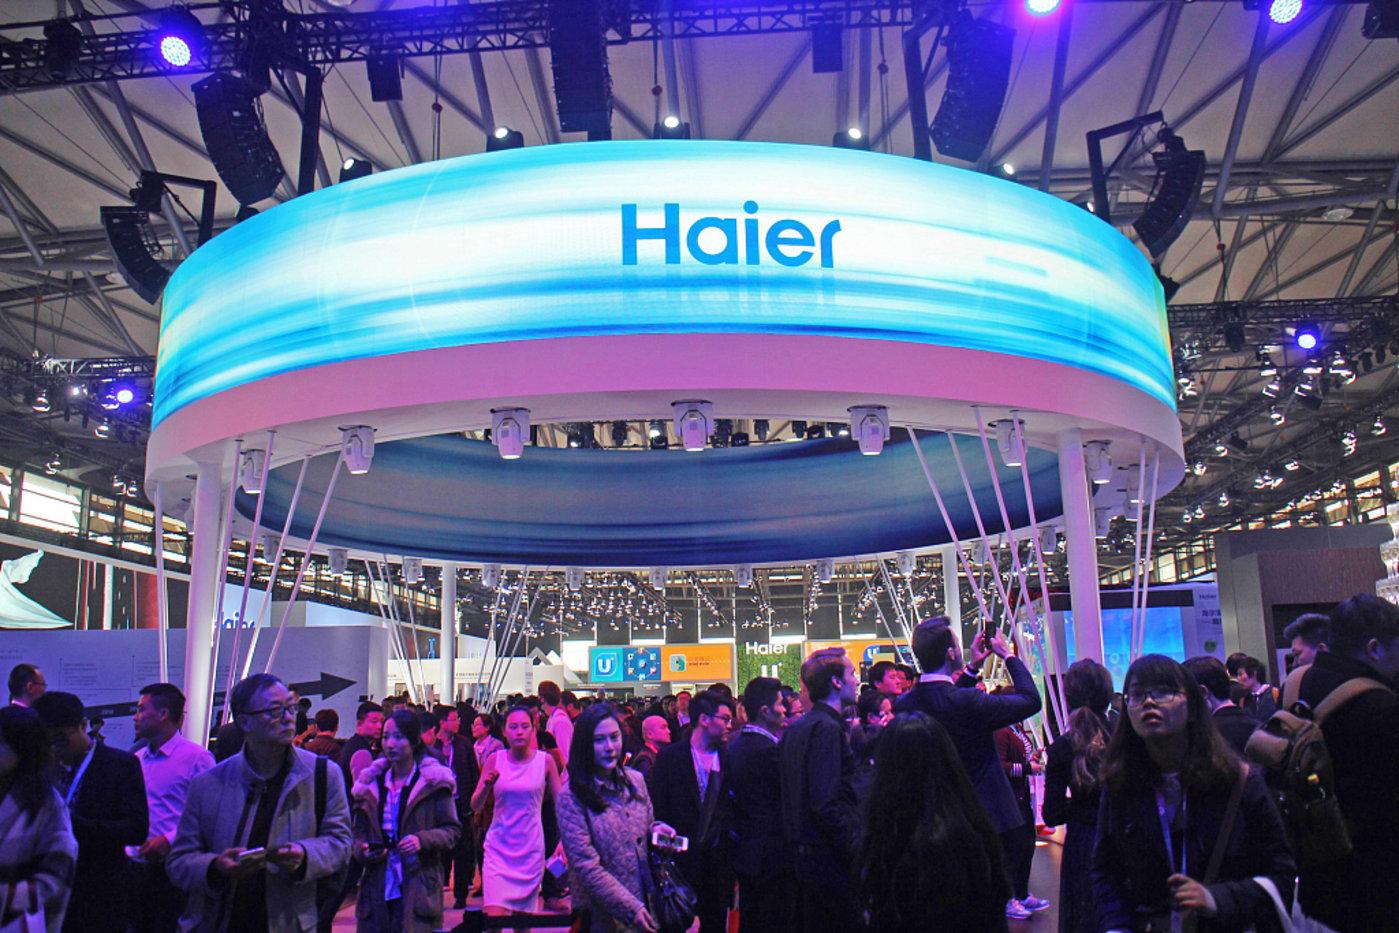 海尔的全球化走到哪一步了?